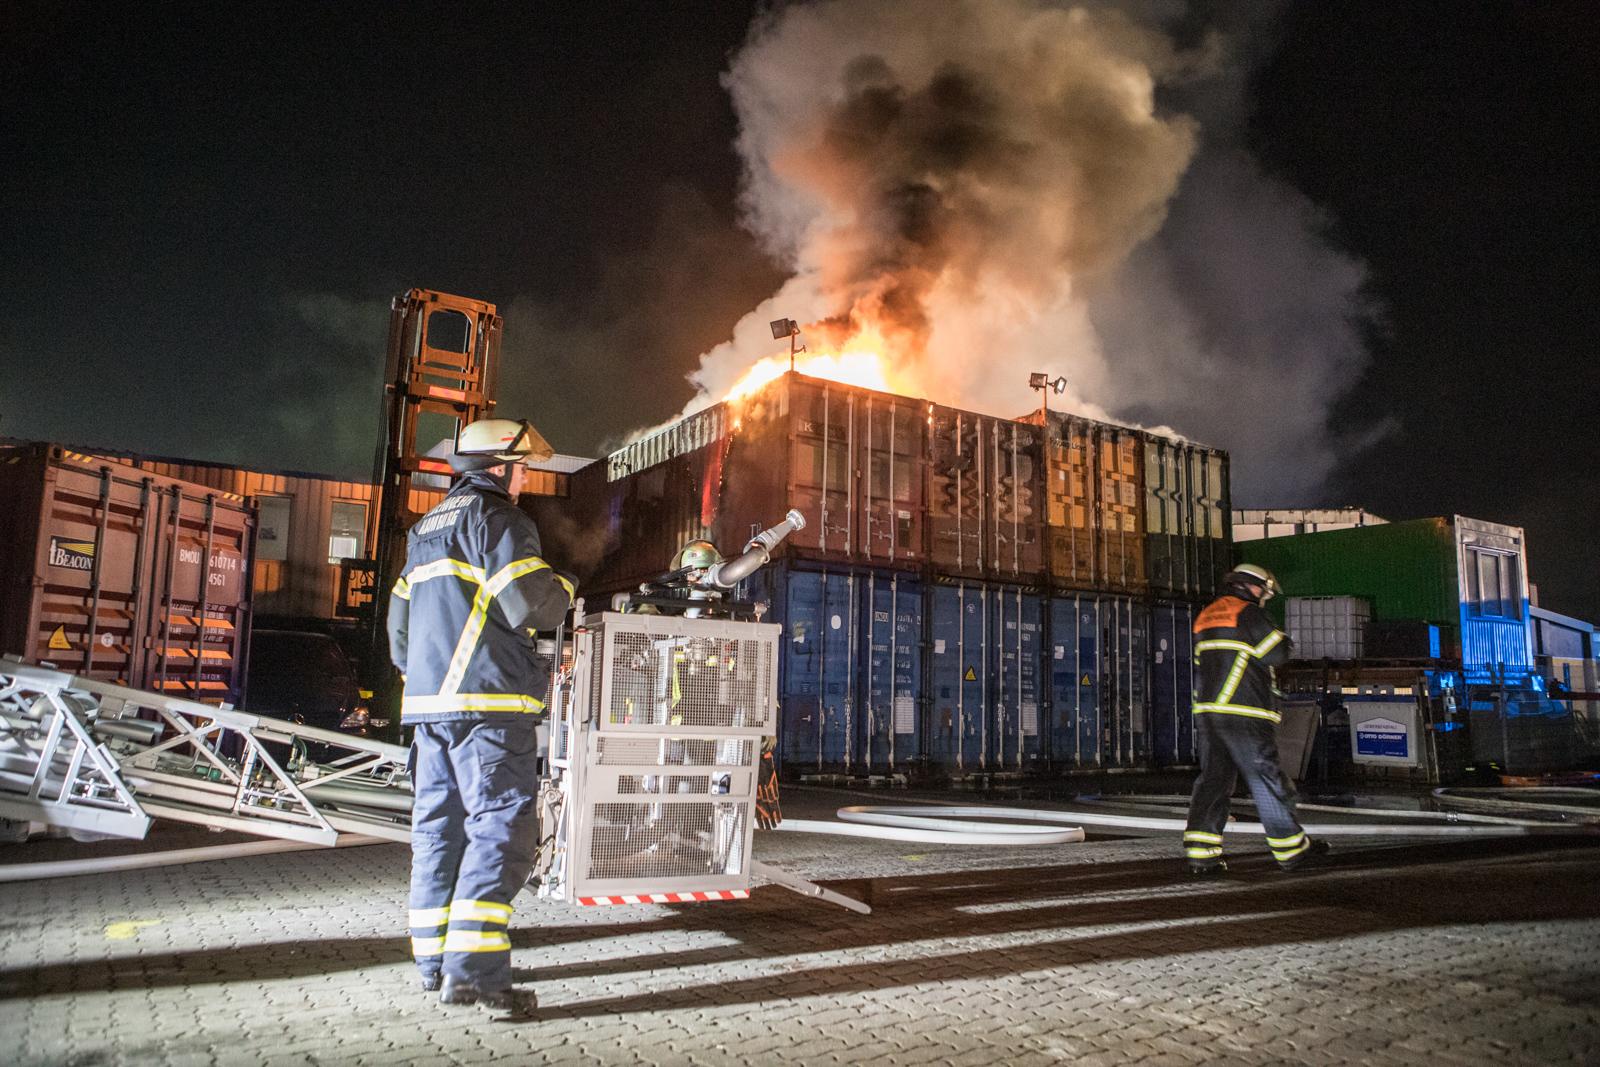 Großeinsatz für die Feuerwehr – mehrere Seecontainer in Brand